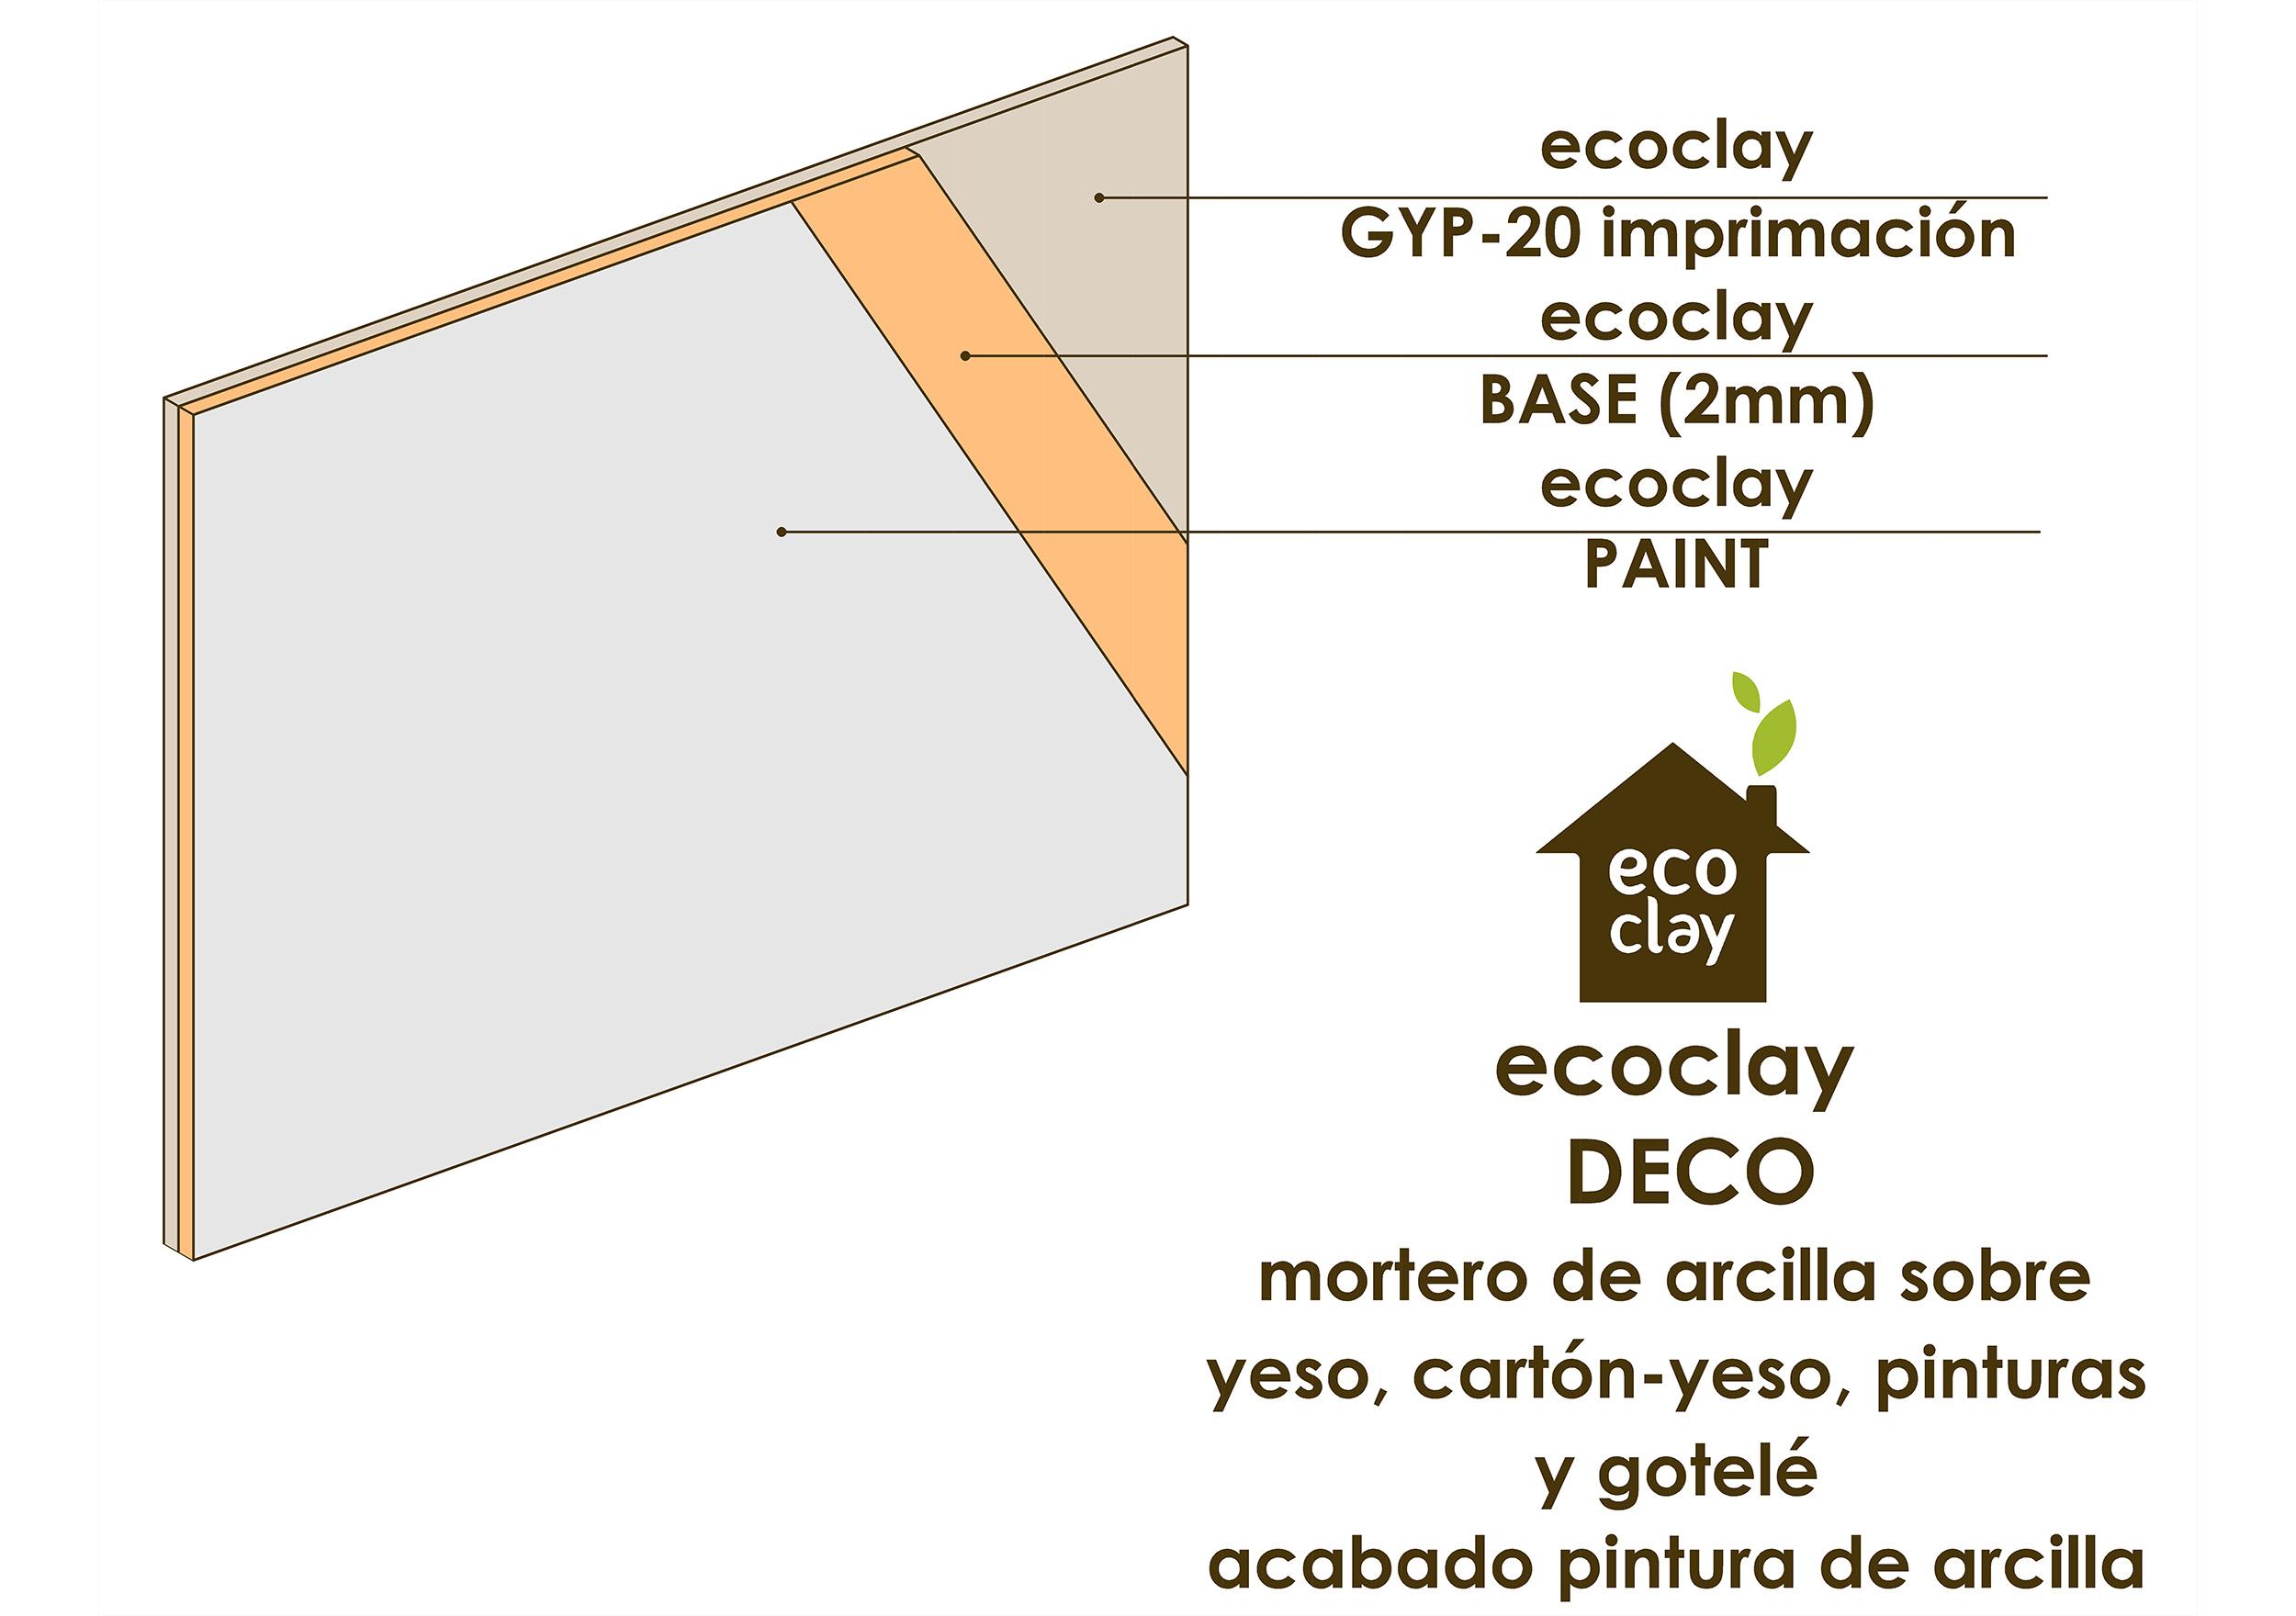 ecoclayDECO, acabado pintura de arcilla